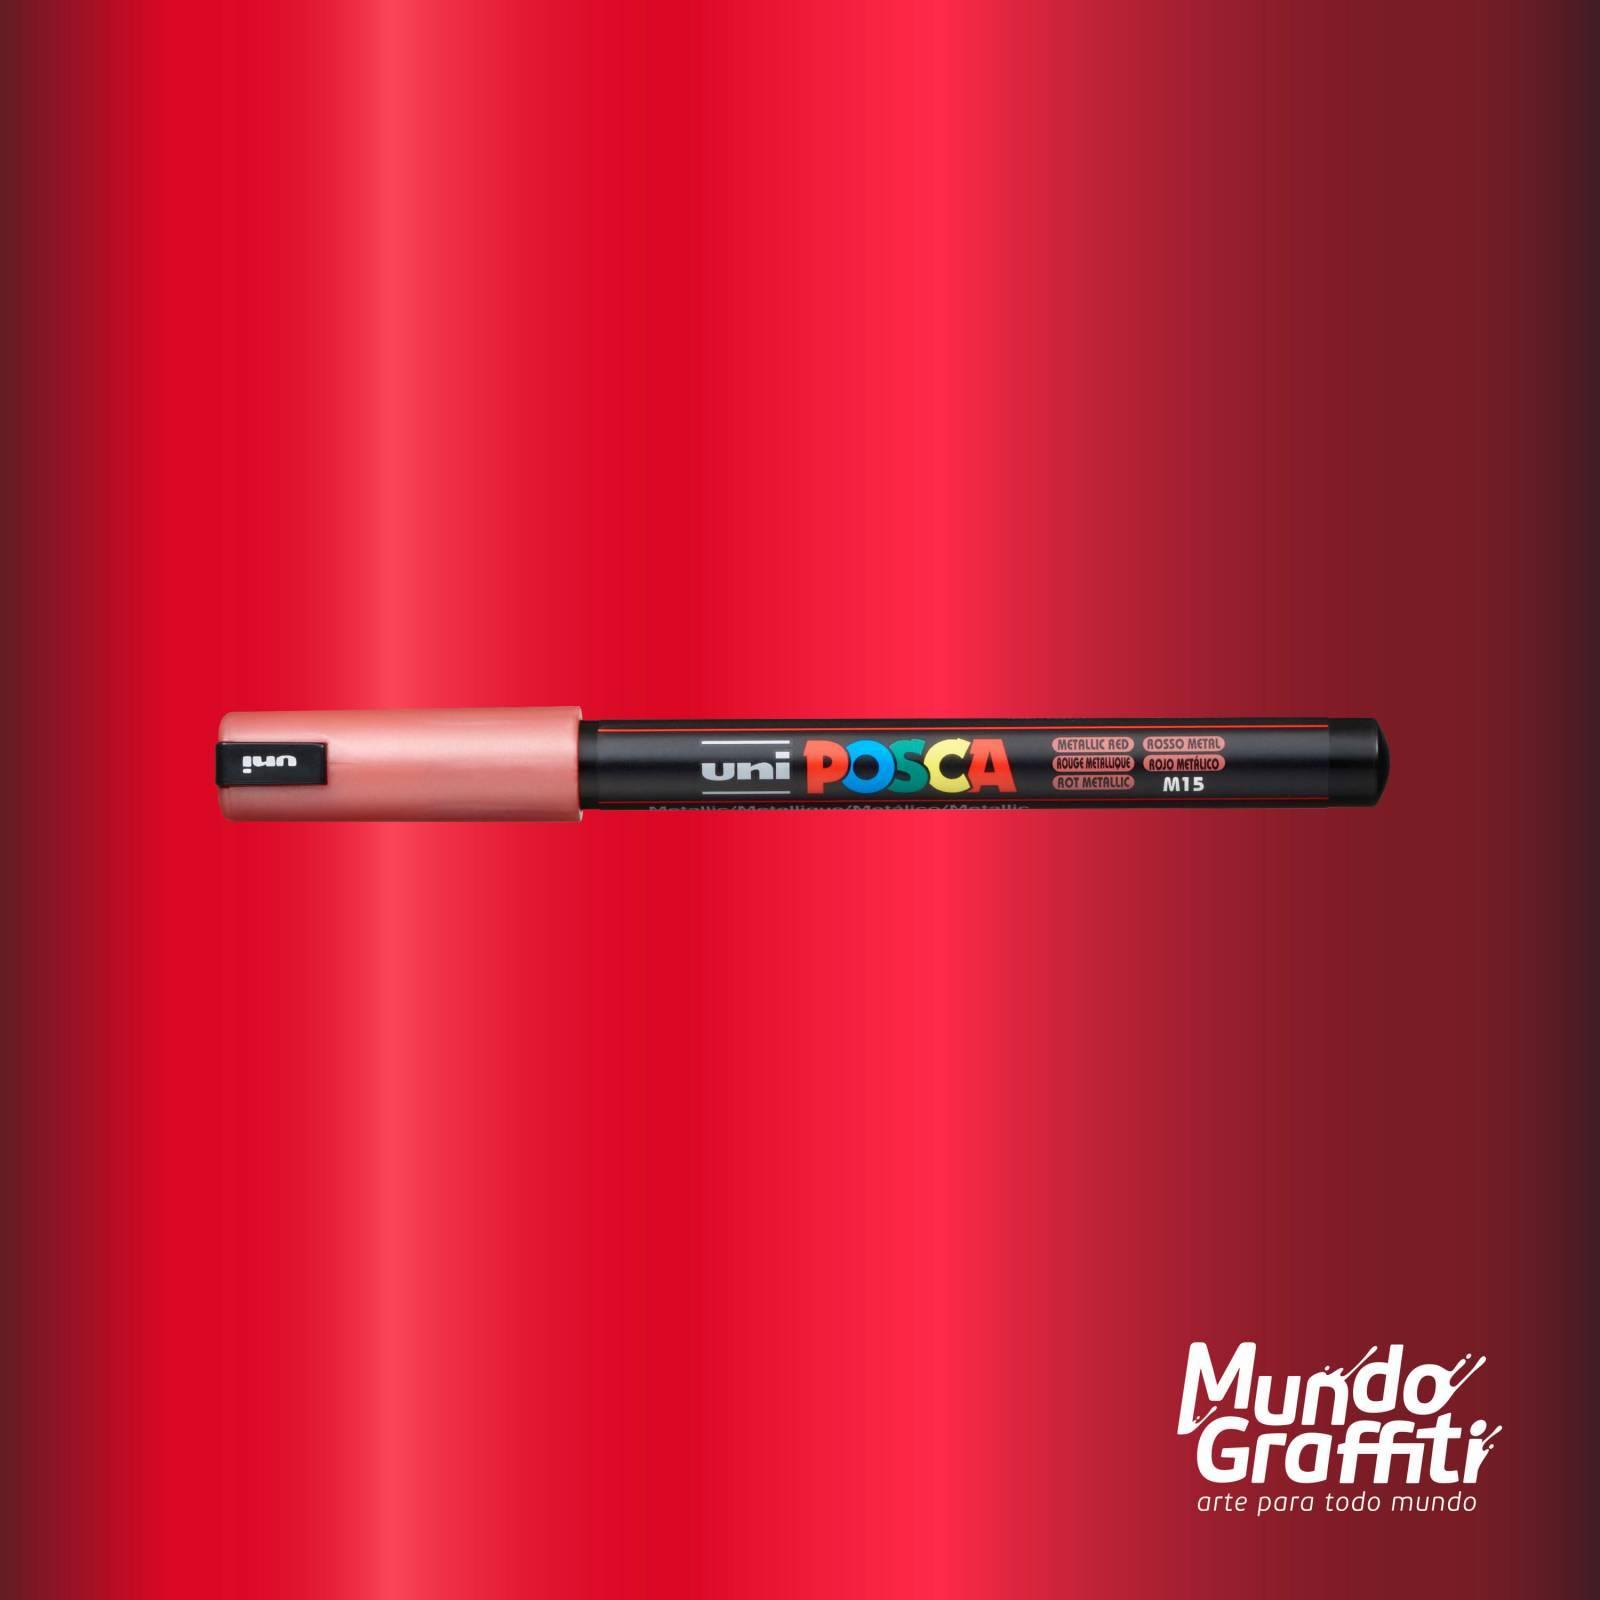 Caneta Posca 1MR Vermelho Metálico - Mundo Graffiti